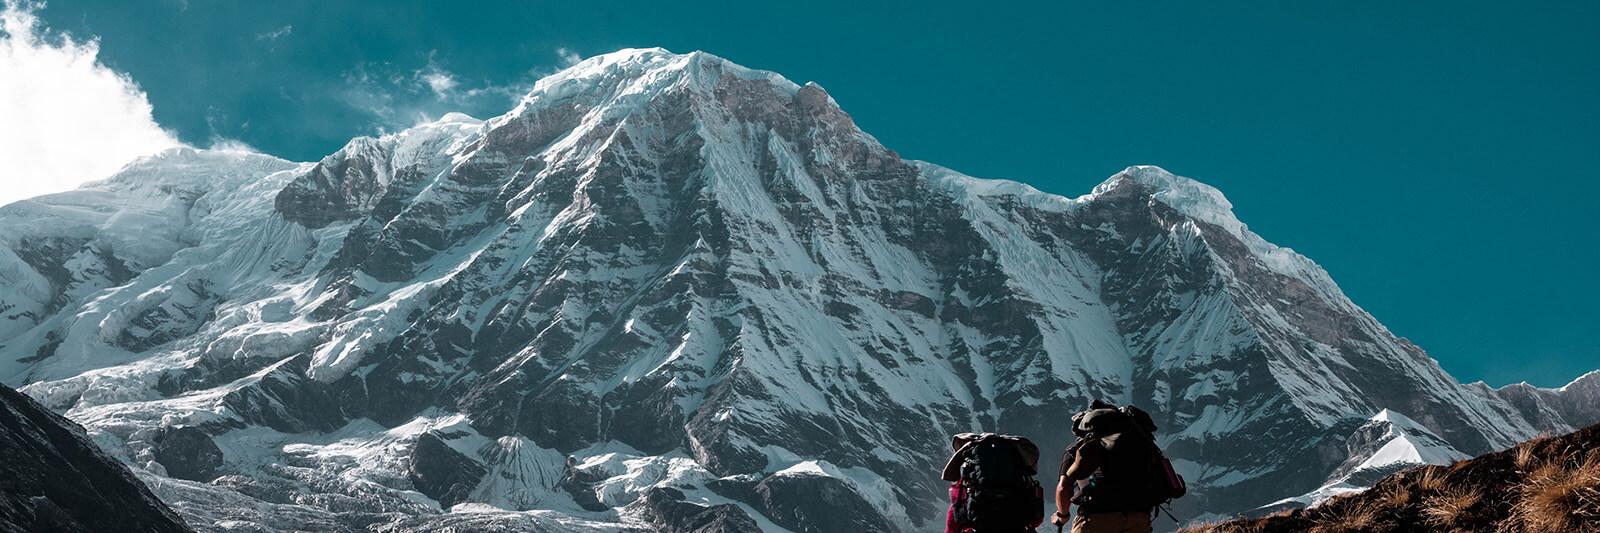 Trekking Annapurna in Nepal